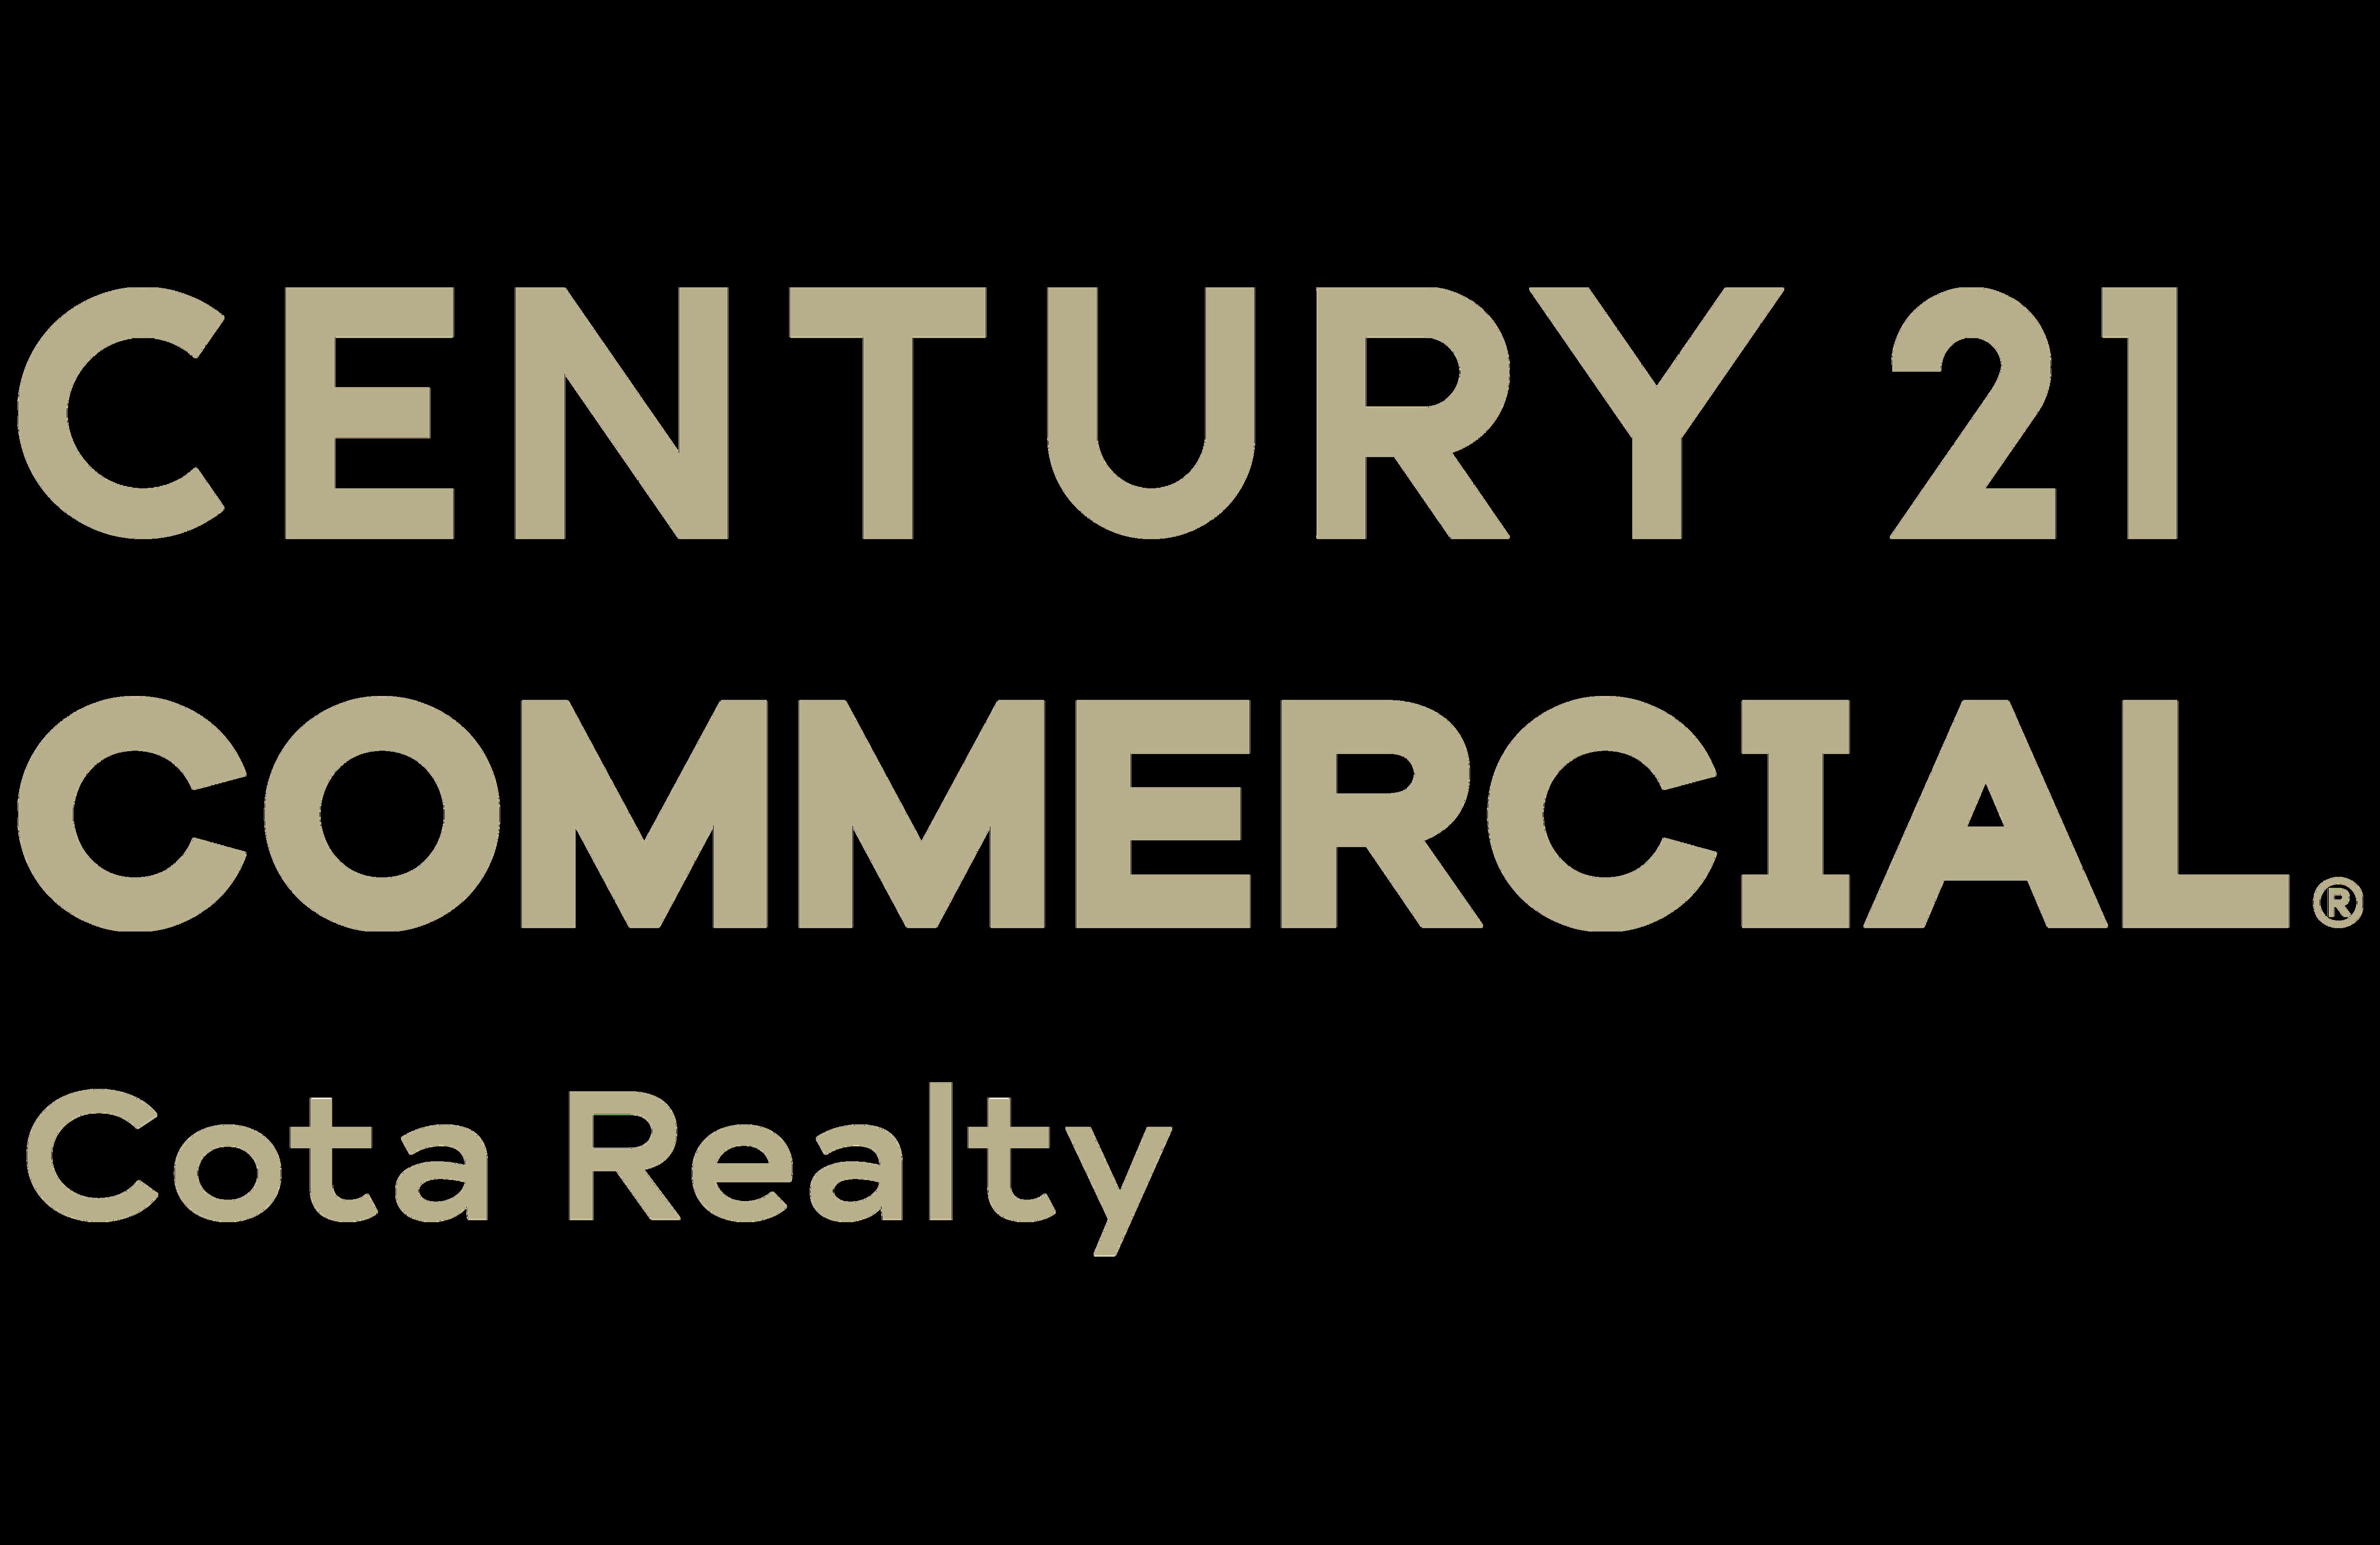 CENTURY 21 Cota Realty